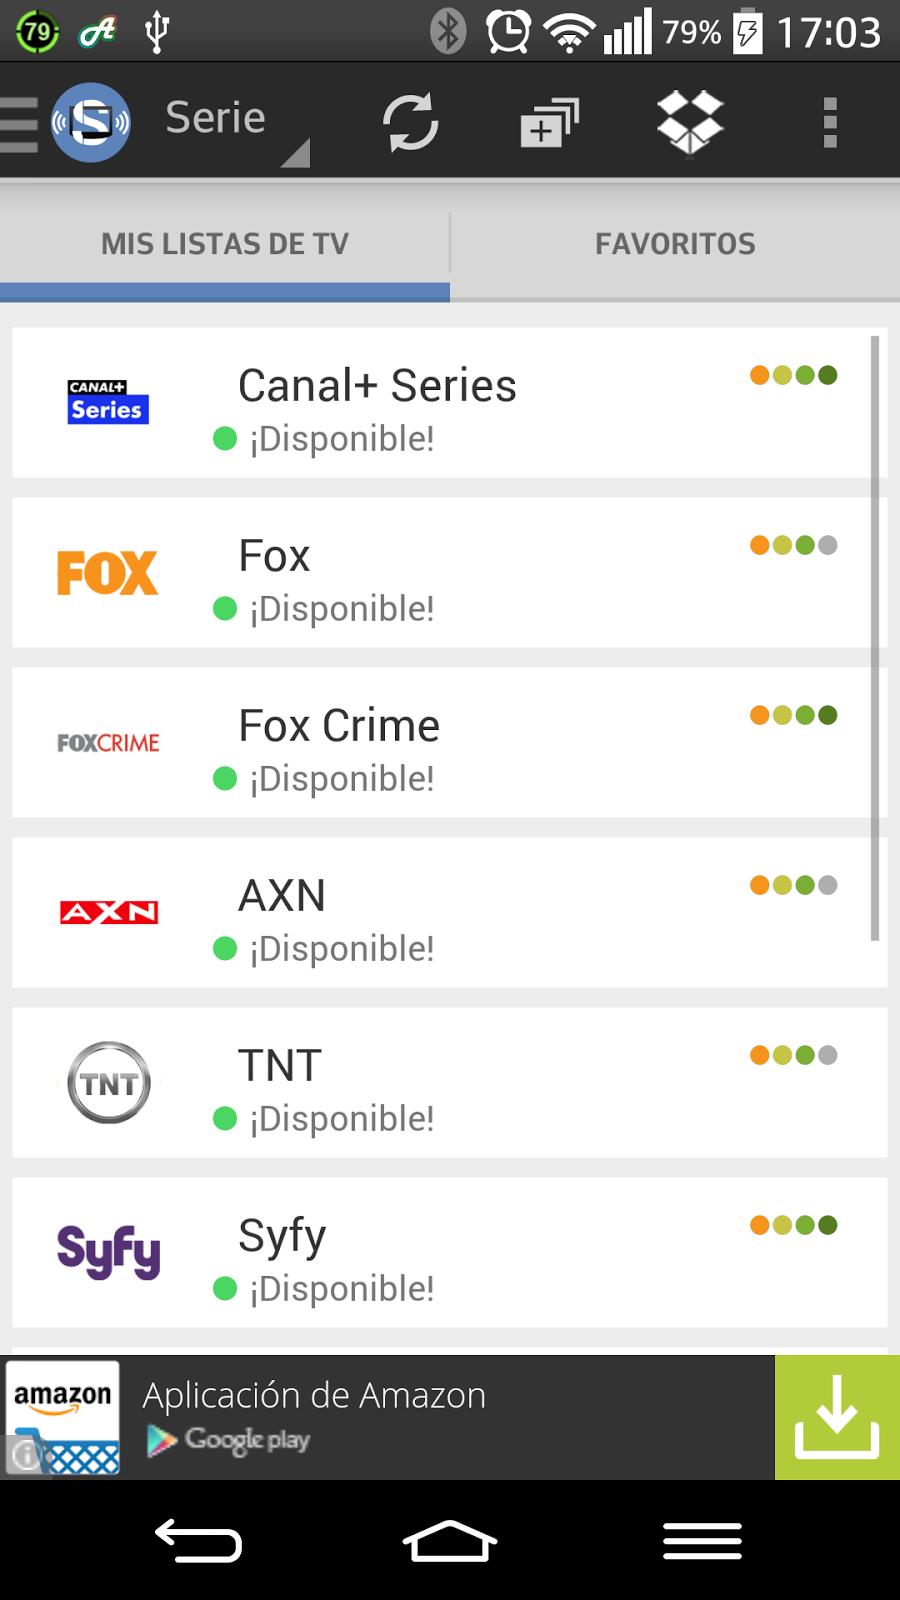 Aplicación para ver la televisión gratis en tu Android.